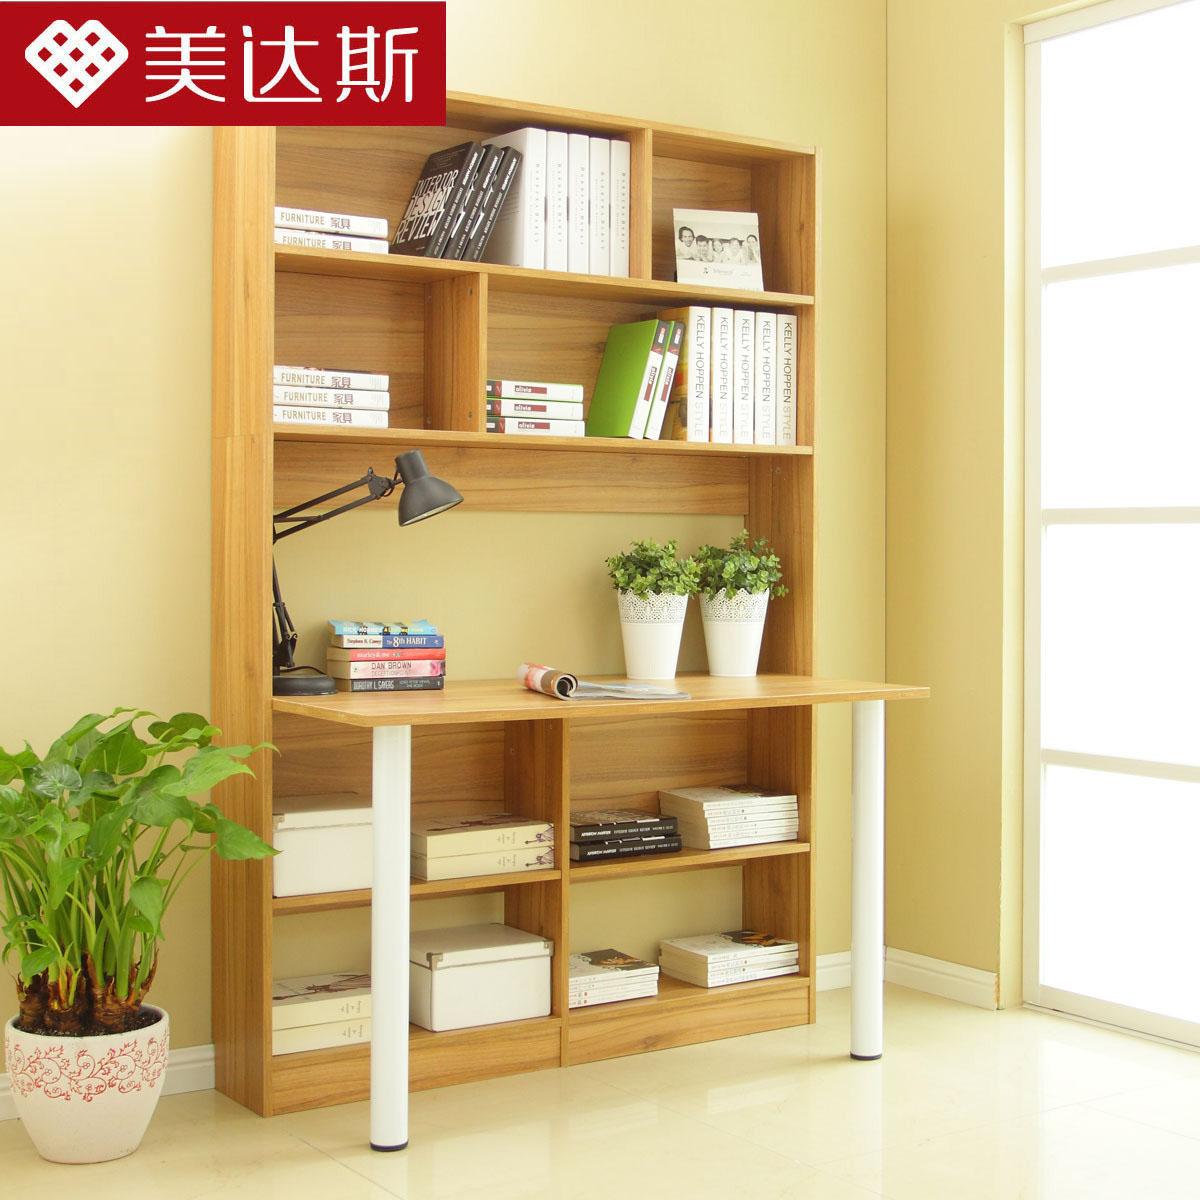 Книжный шкаф u.s. das, купить в интернет магазине nazya.com.